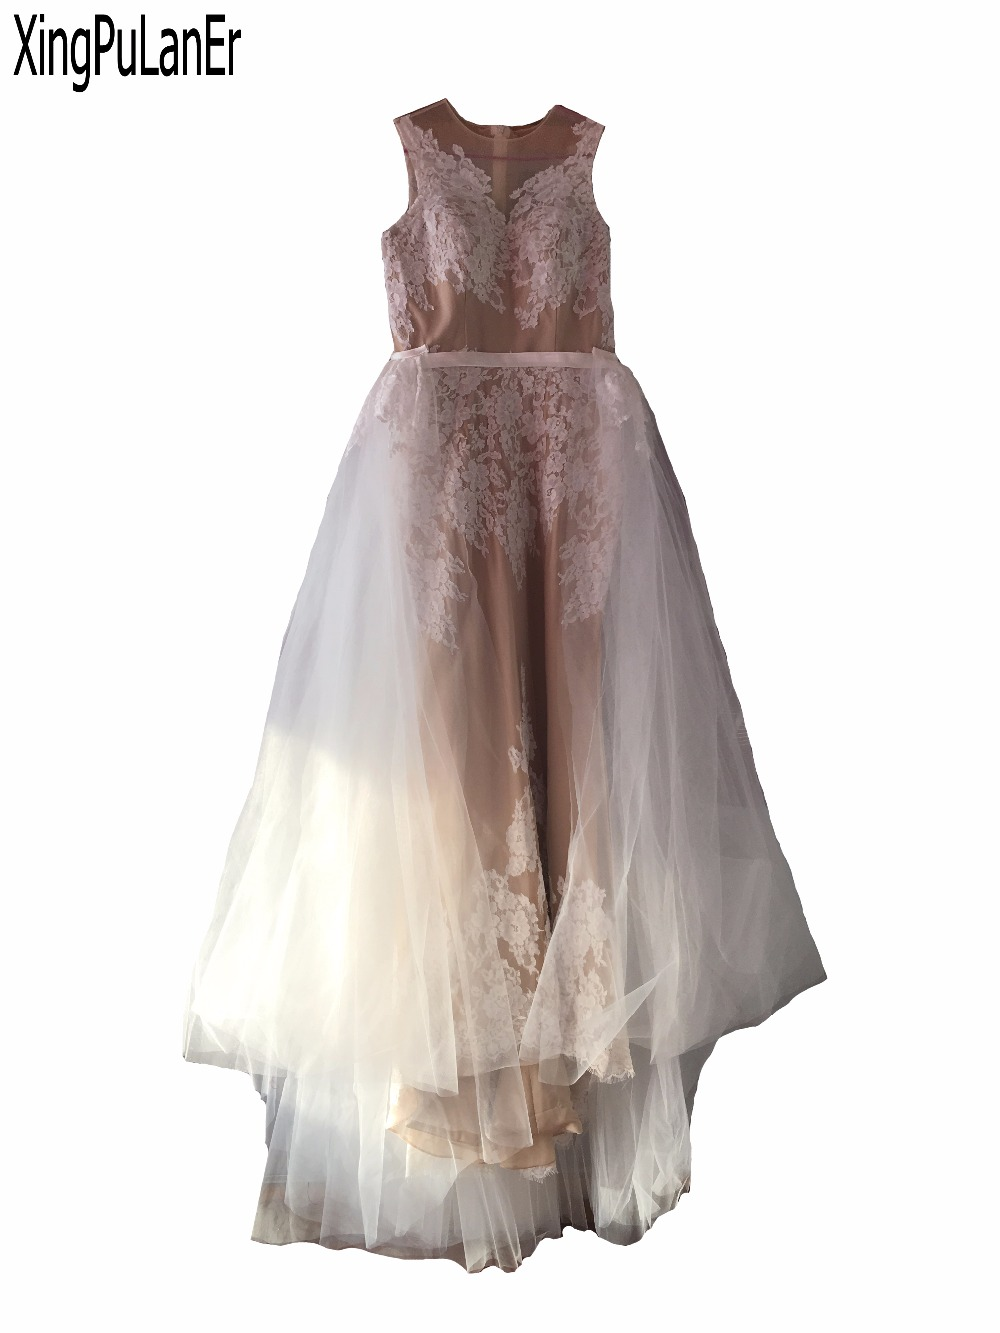 Robe de soirée blanche dentelle Champagne sans manches débardeur encolure dégagée femmes longues robes de soirée avec Train amovible vestido de festa